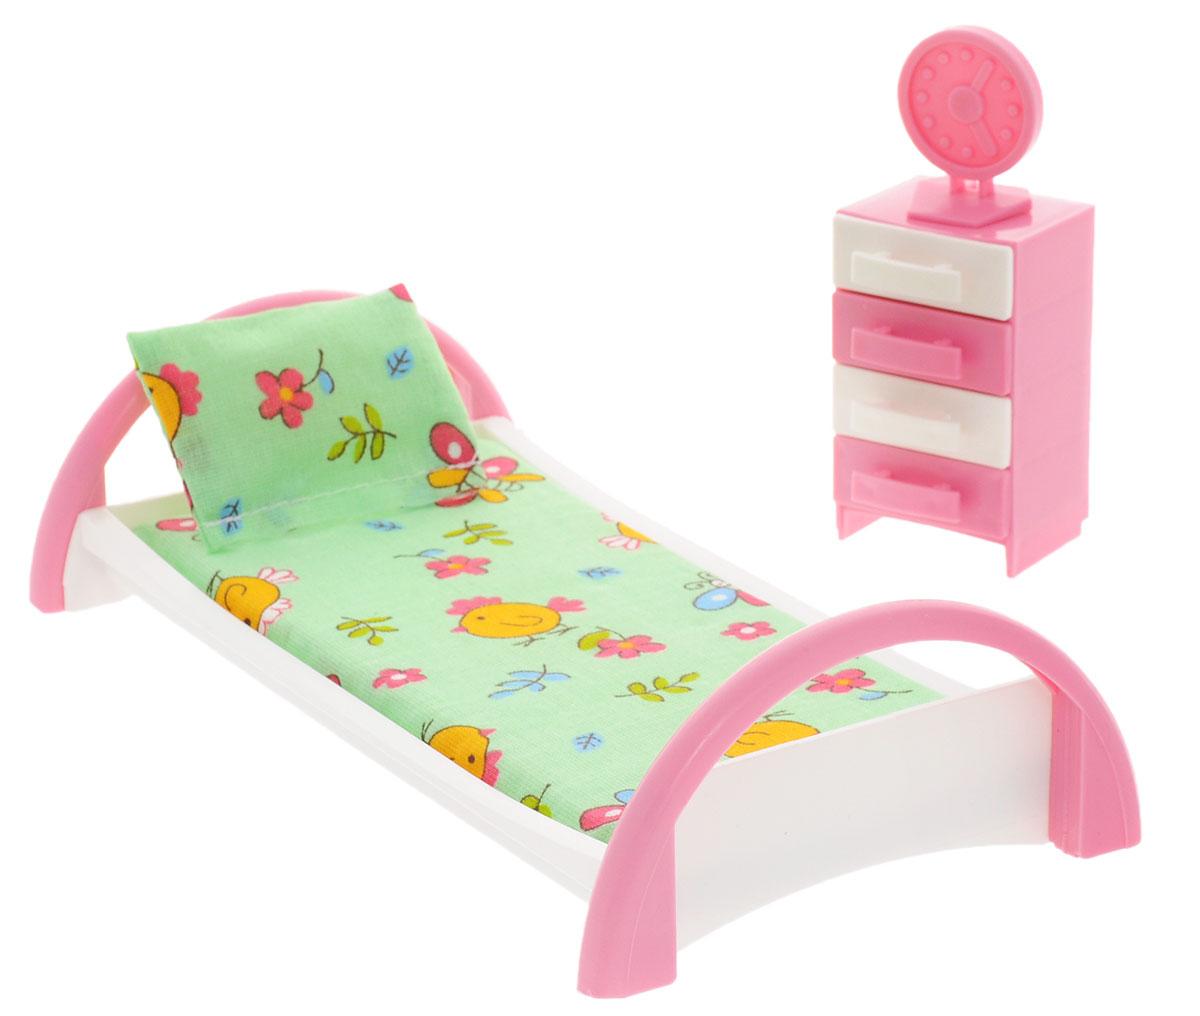 Форма Набор мебели для кукол Кровать с тумбочкой цвет зеленый